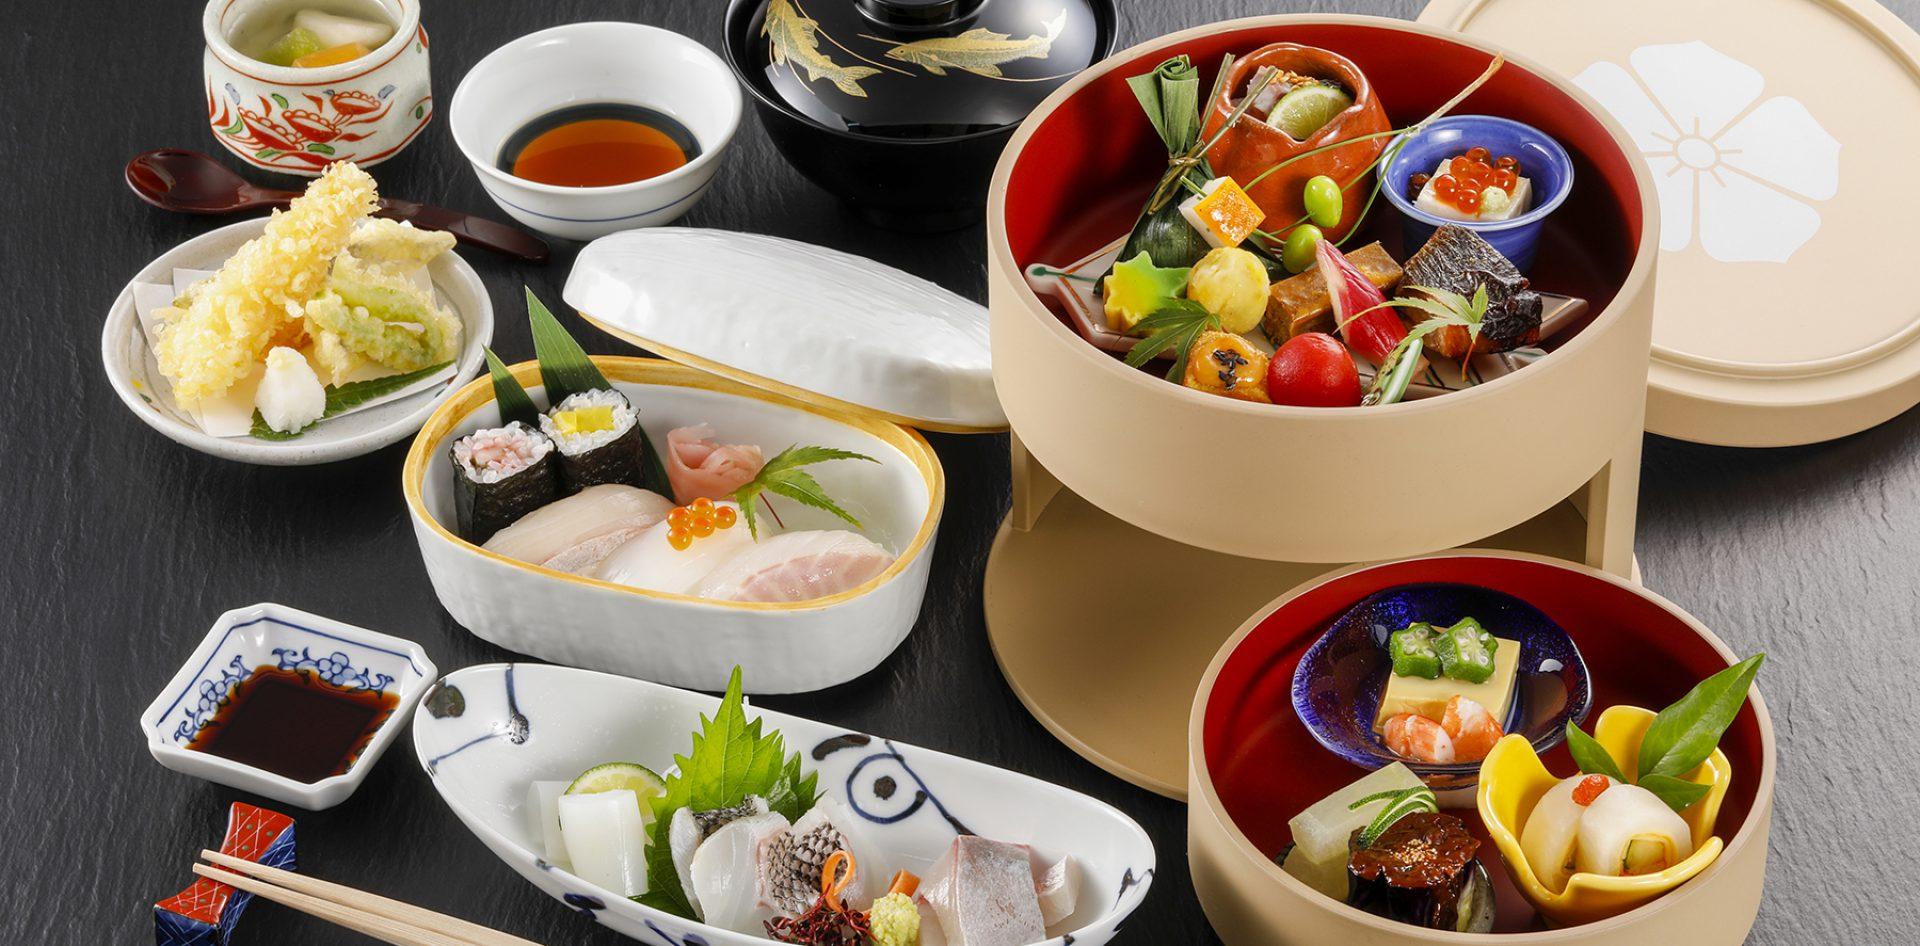 【公式】日本料理 一ゑん (いちえん)| 福知山 | 和食 | 仕出し |